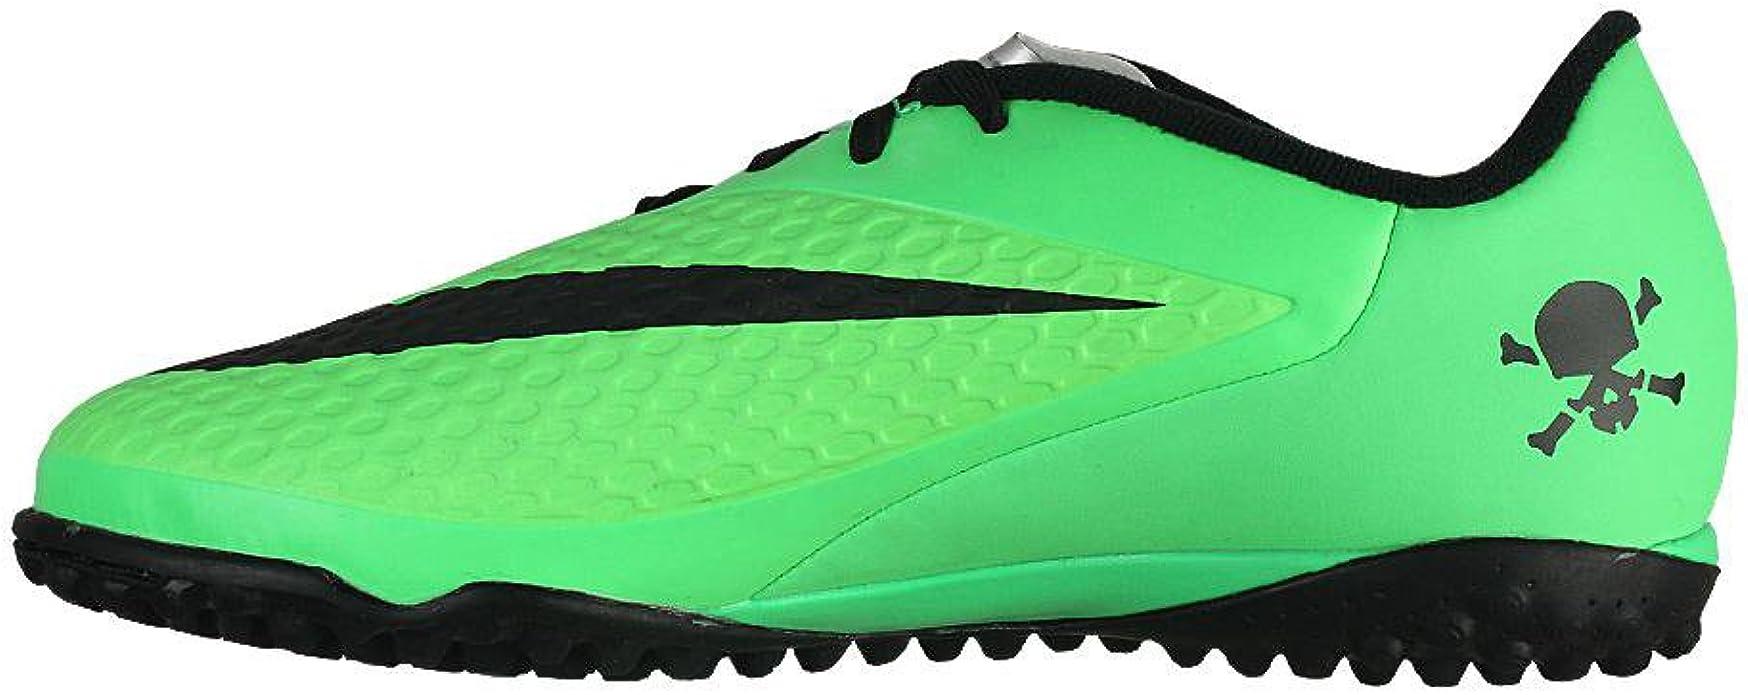 Nike Jr Hypervenom Phelon TF (Green